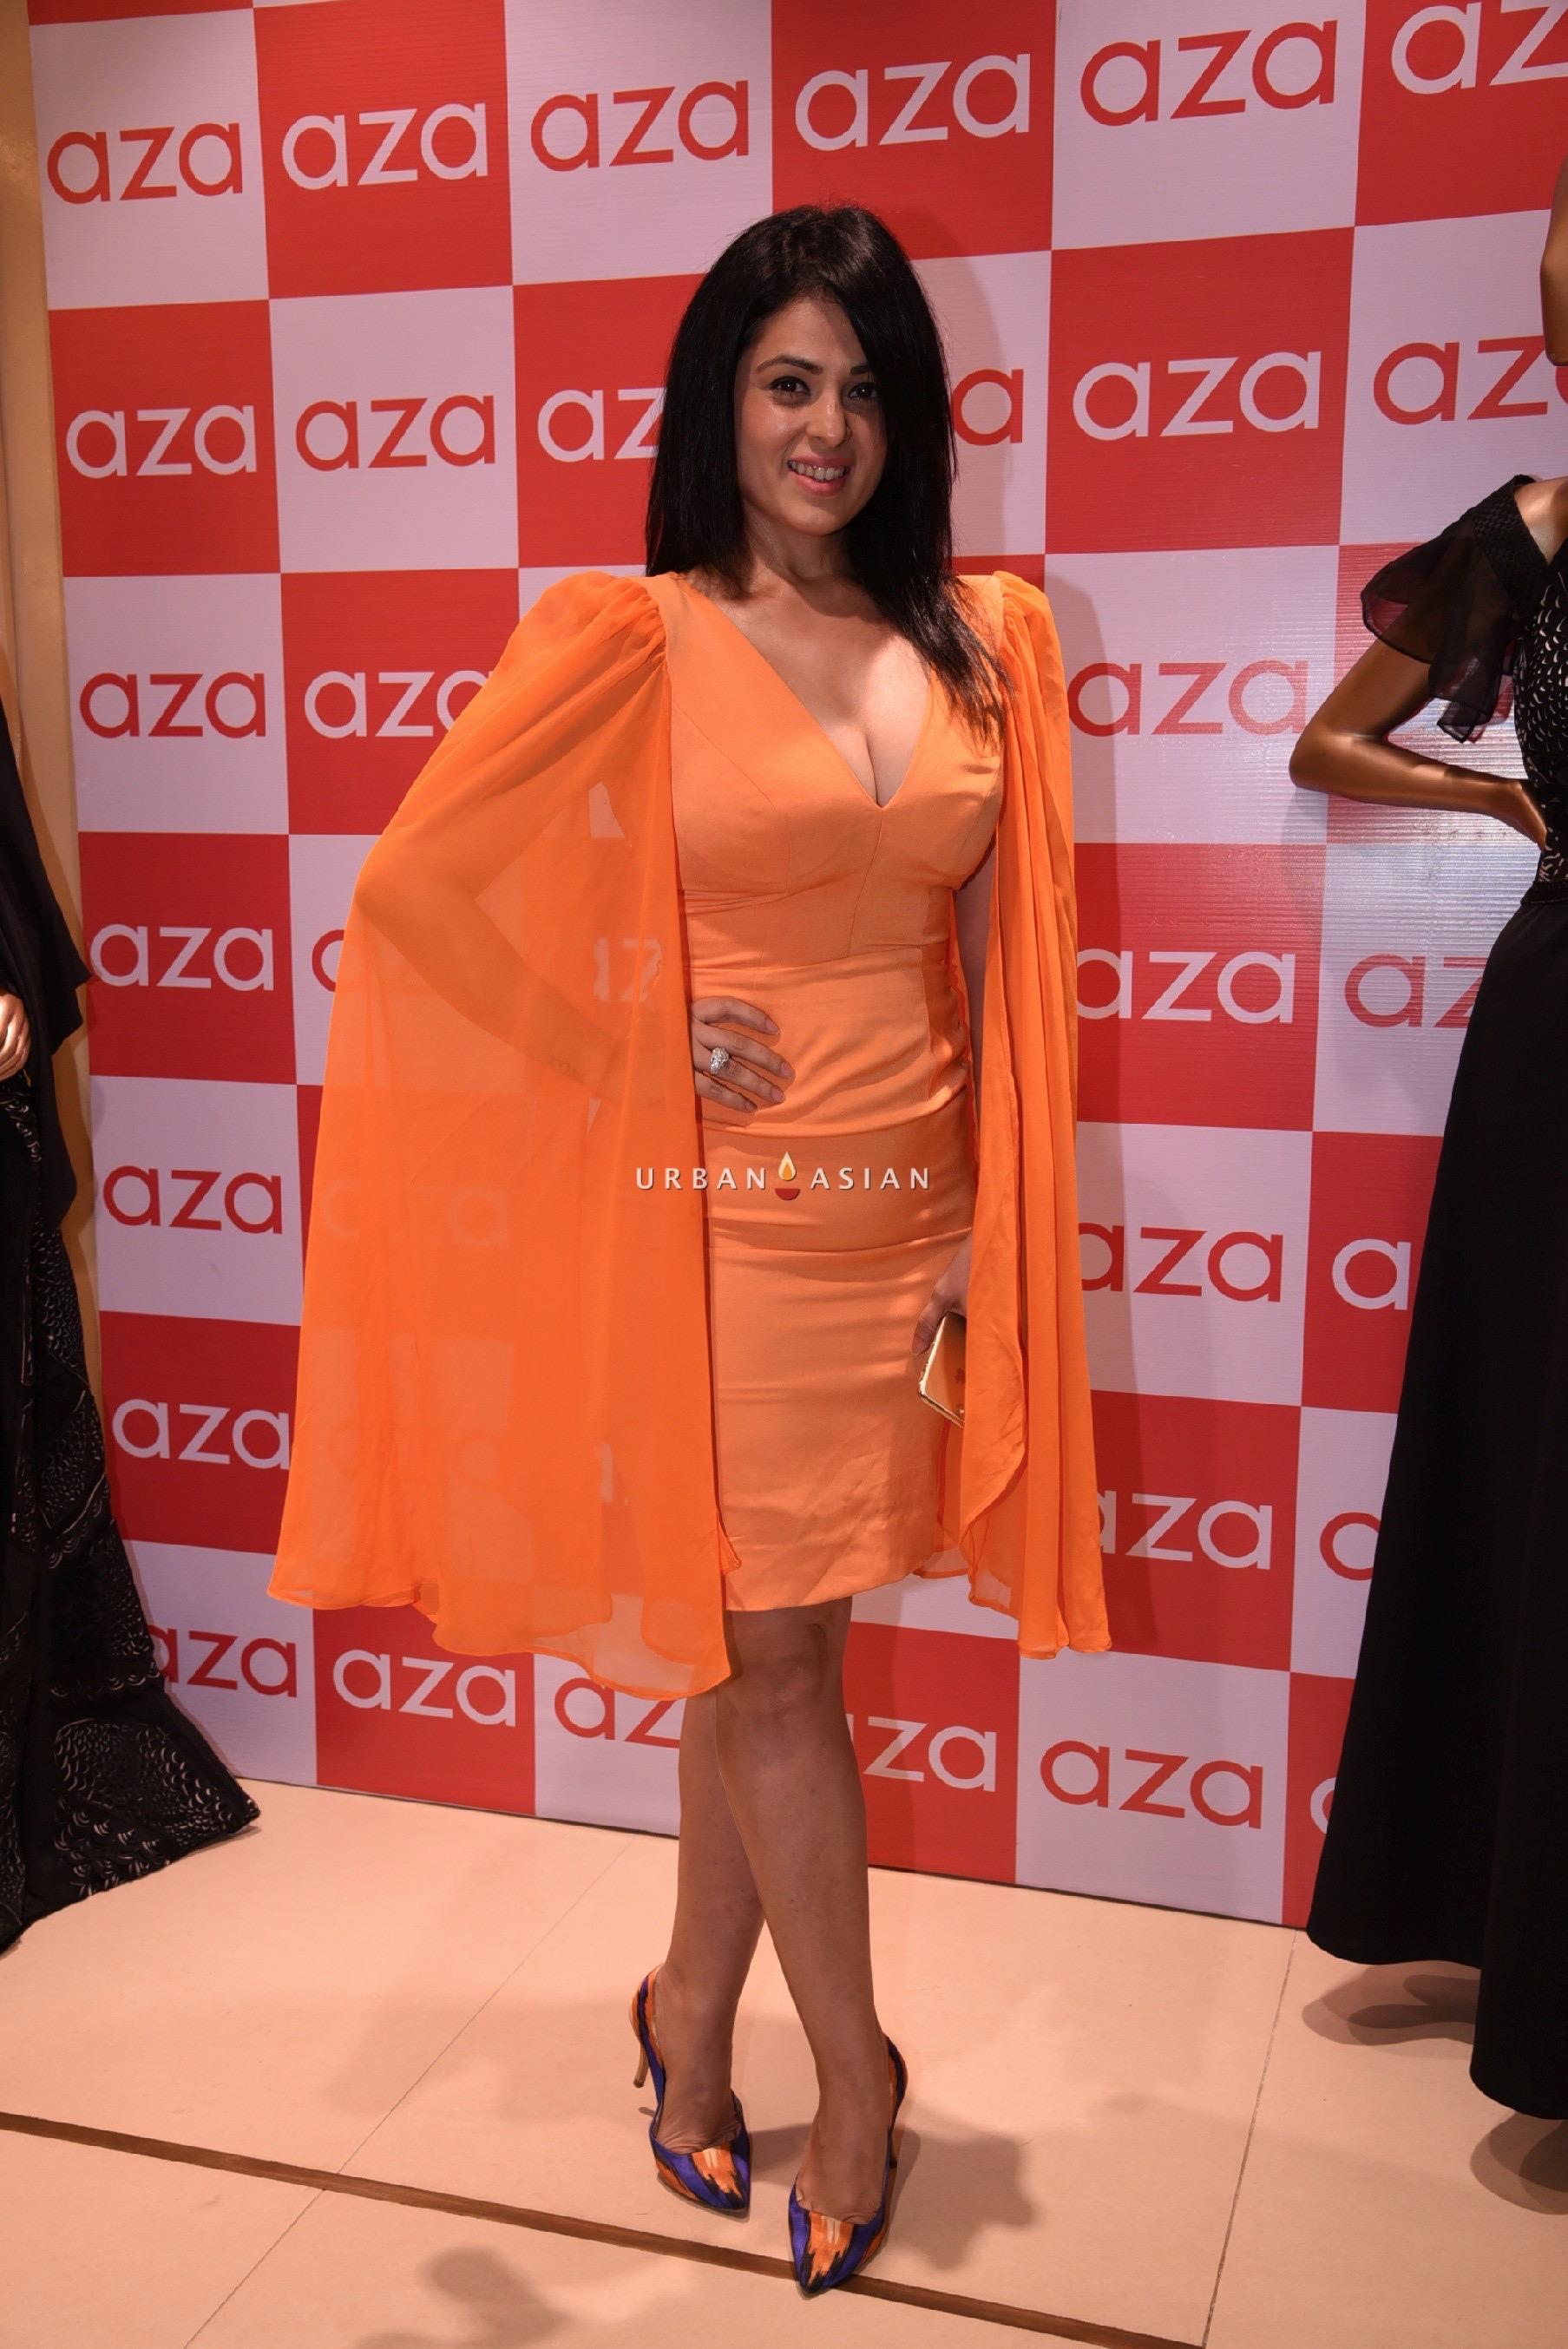 anjana-sukhani-eshaa-amiins-new-party-wear-launch-at-aza